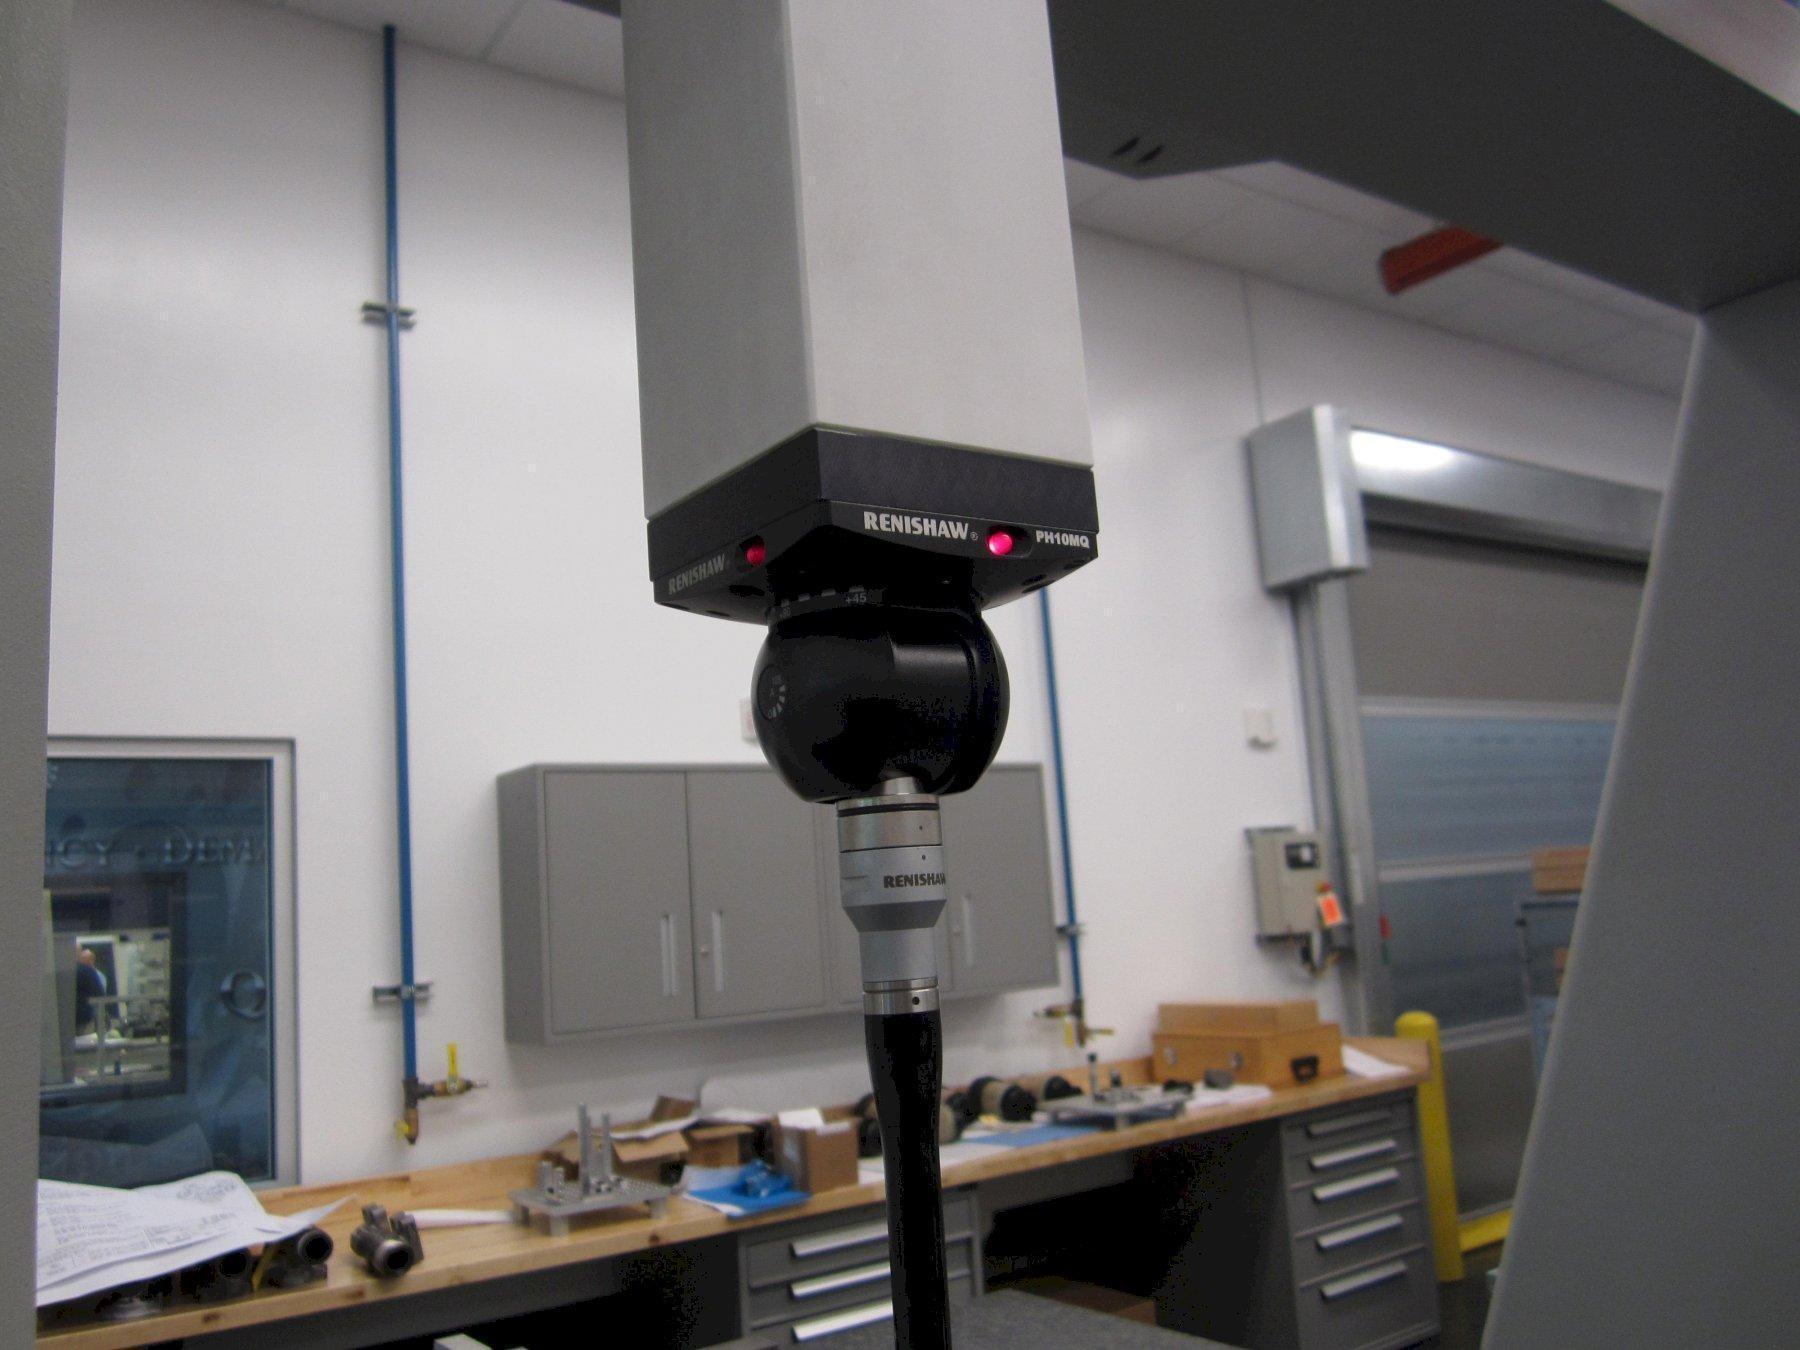 SHEFFIELDSheffield Endeavor 12.30.10 Coordinate Measuring Machine